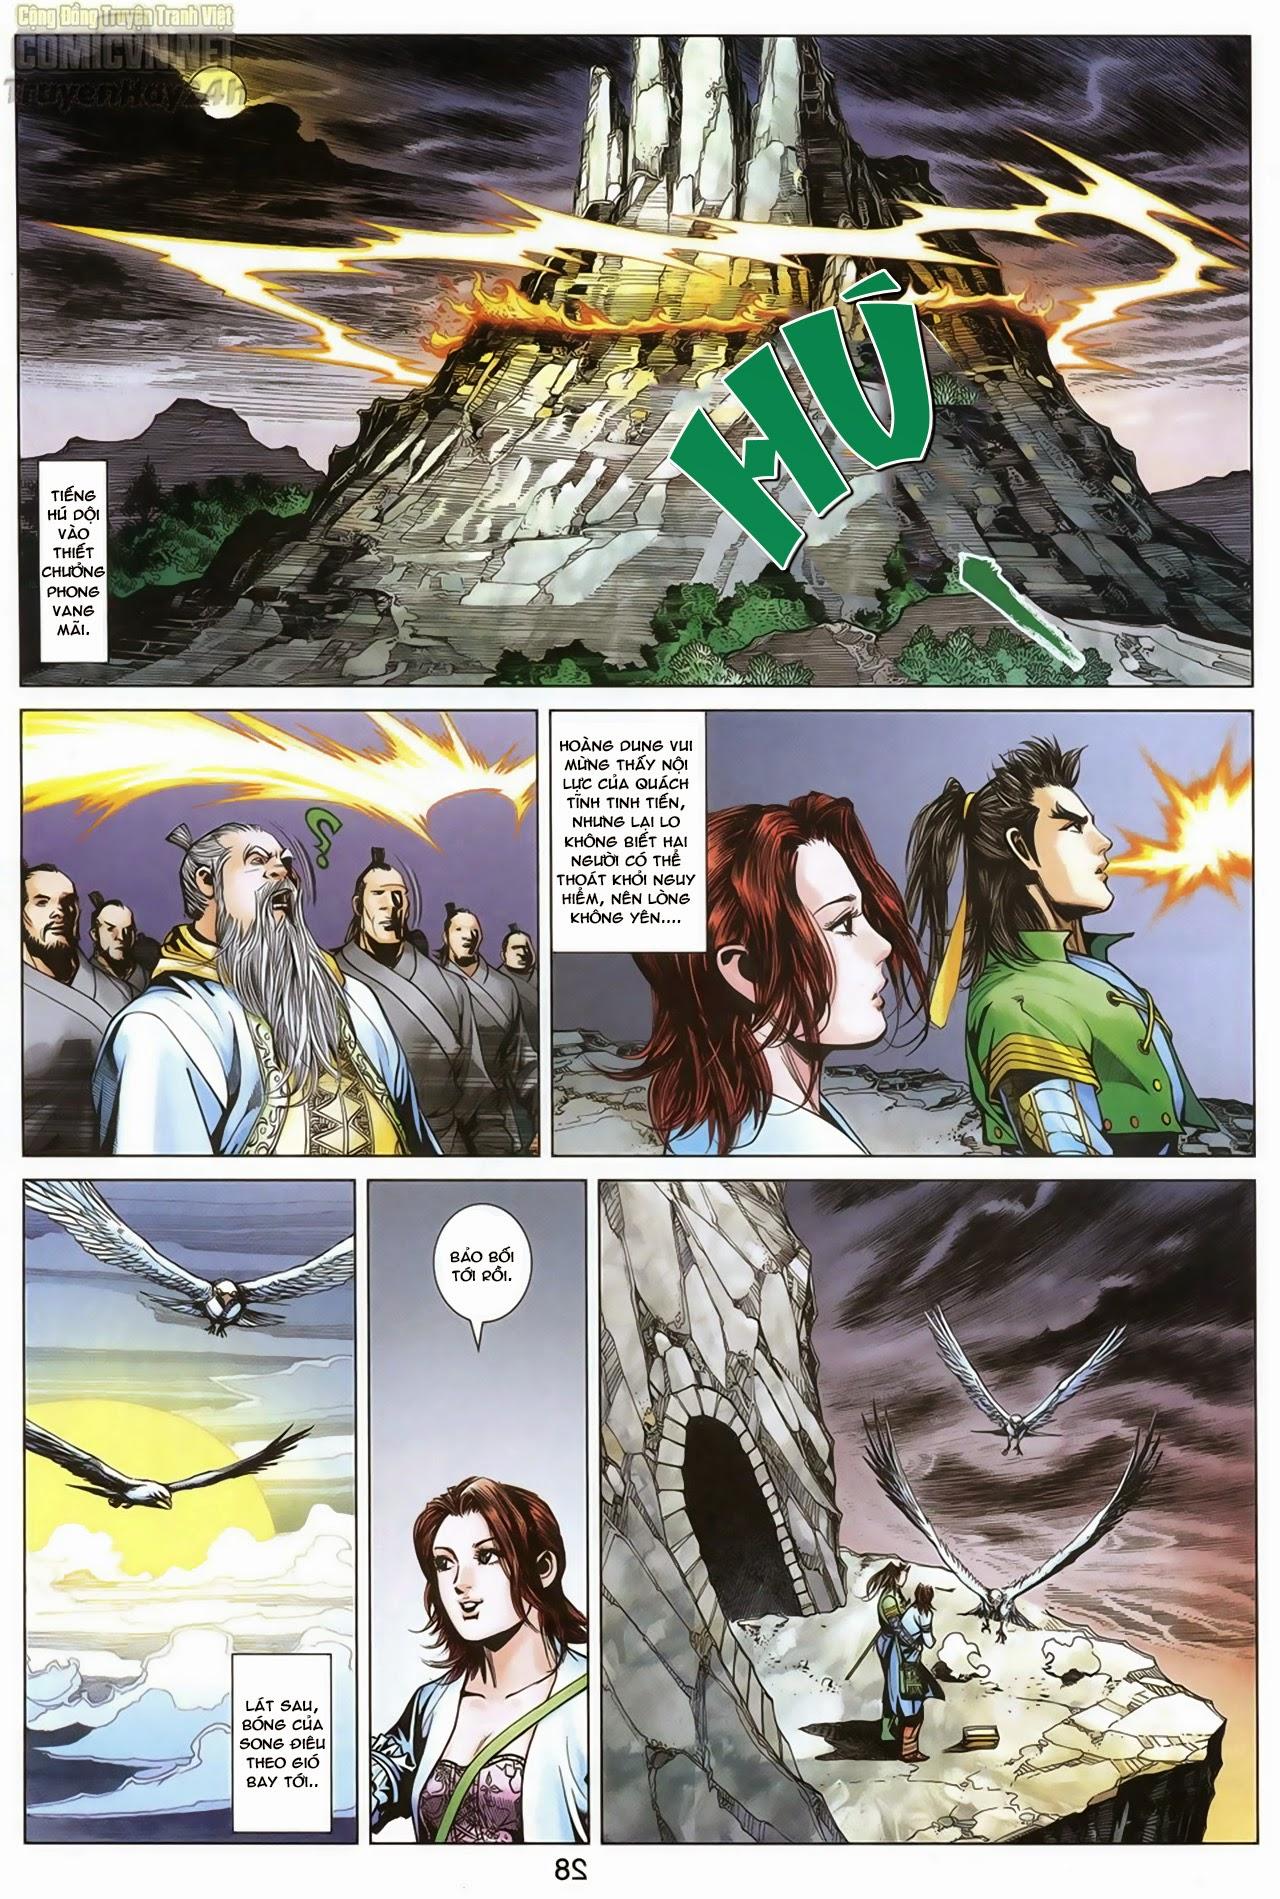 Anh Hùng Xạ Điêu anh hùng xạ đêu chap 69: hồn đoạn thiết chưởng phong trang 29